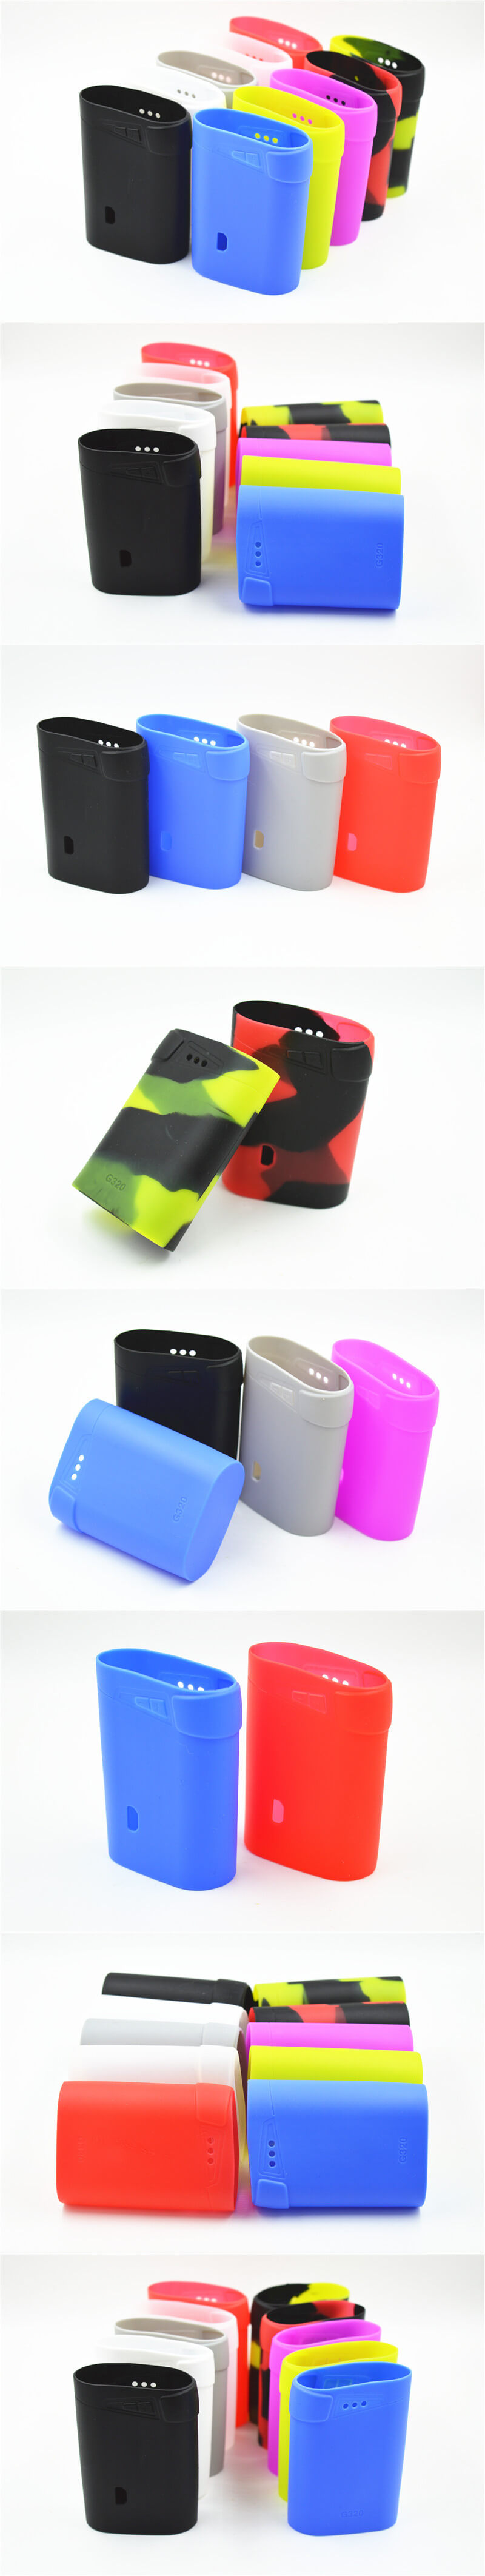 smok g320 mod protective case cover